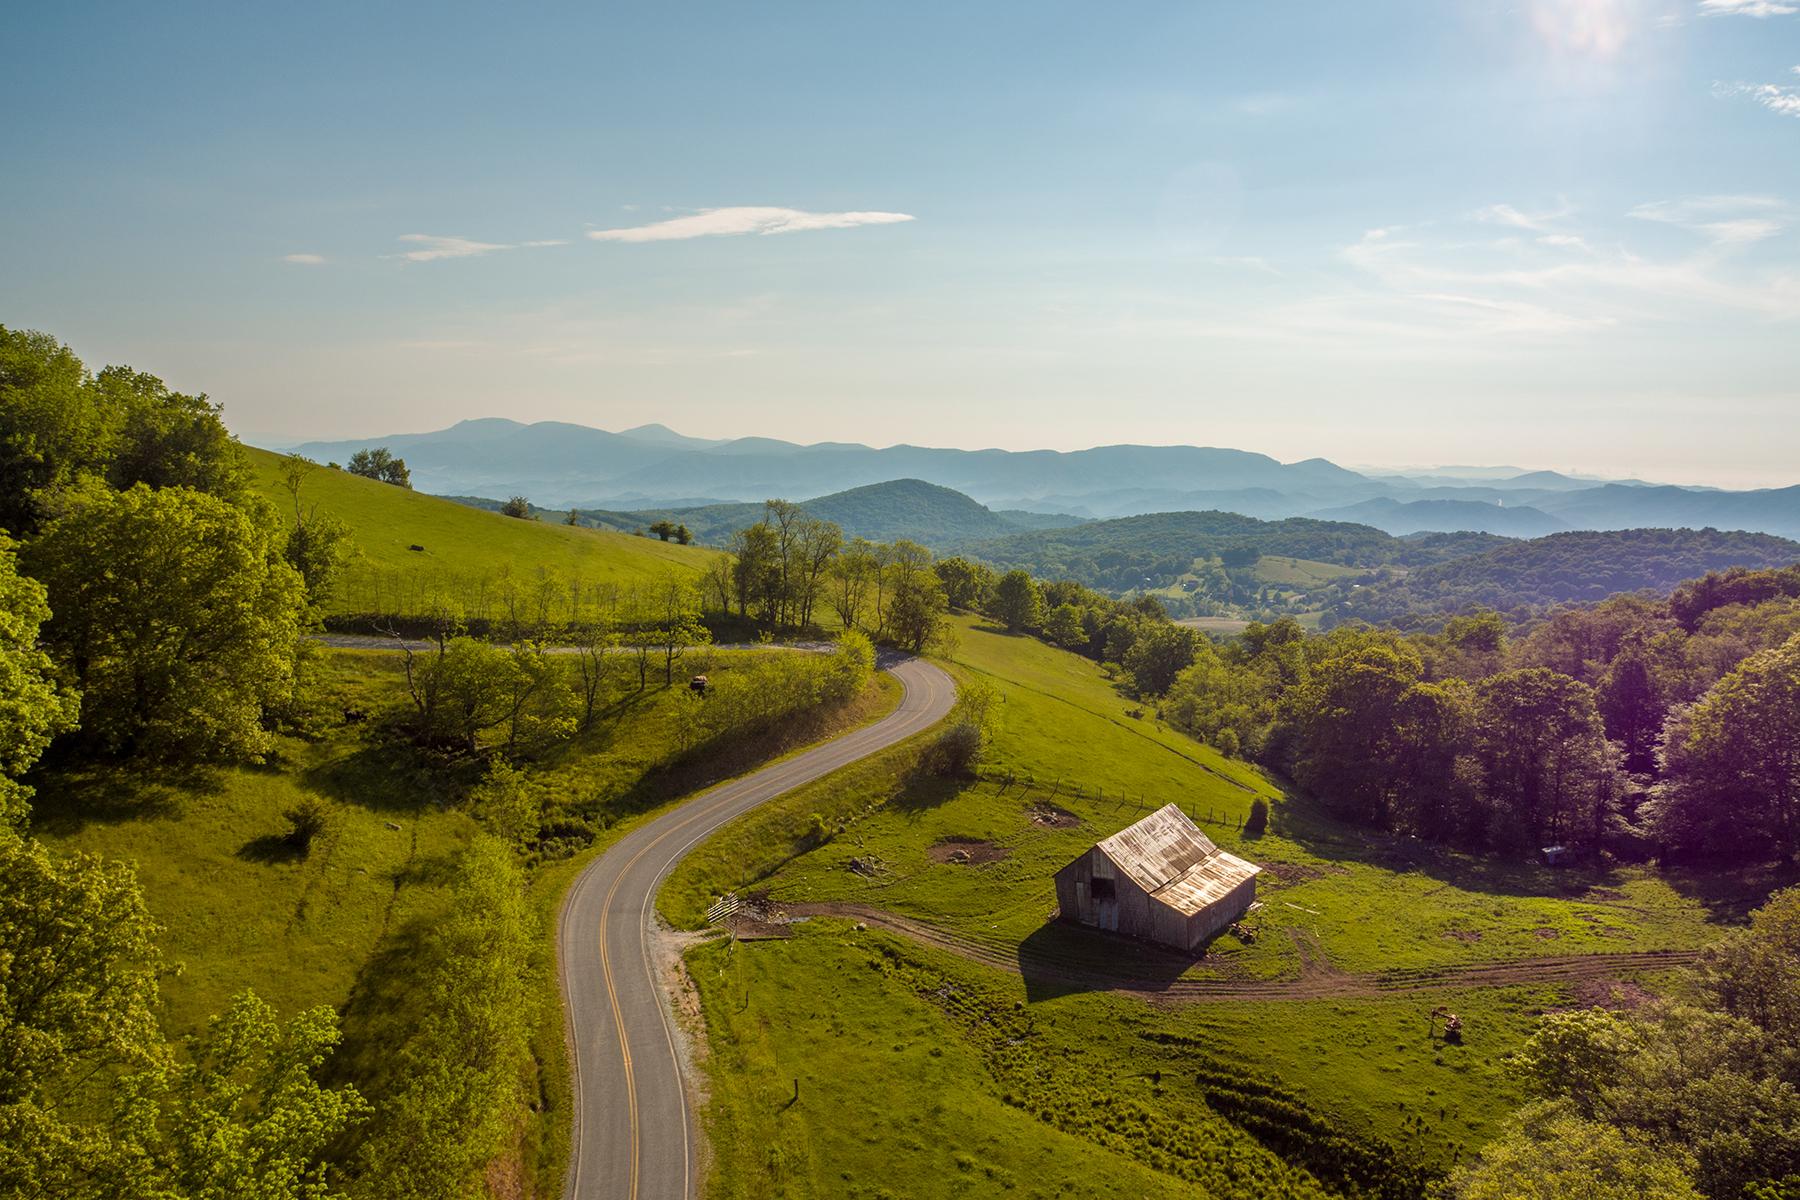 Land for Sale at BANNER ELK TBD Shawnee Road, Banner Elk, North Carolina 28604 United States